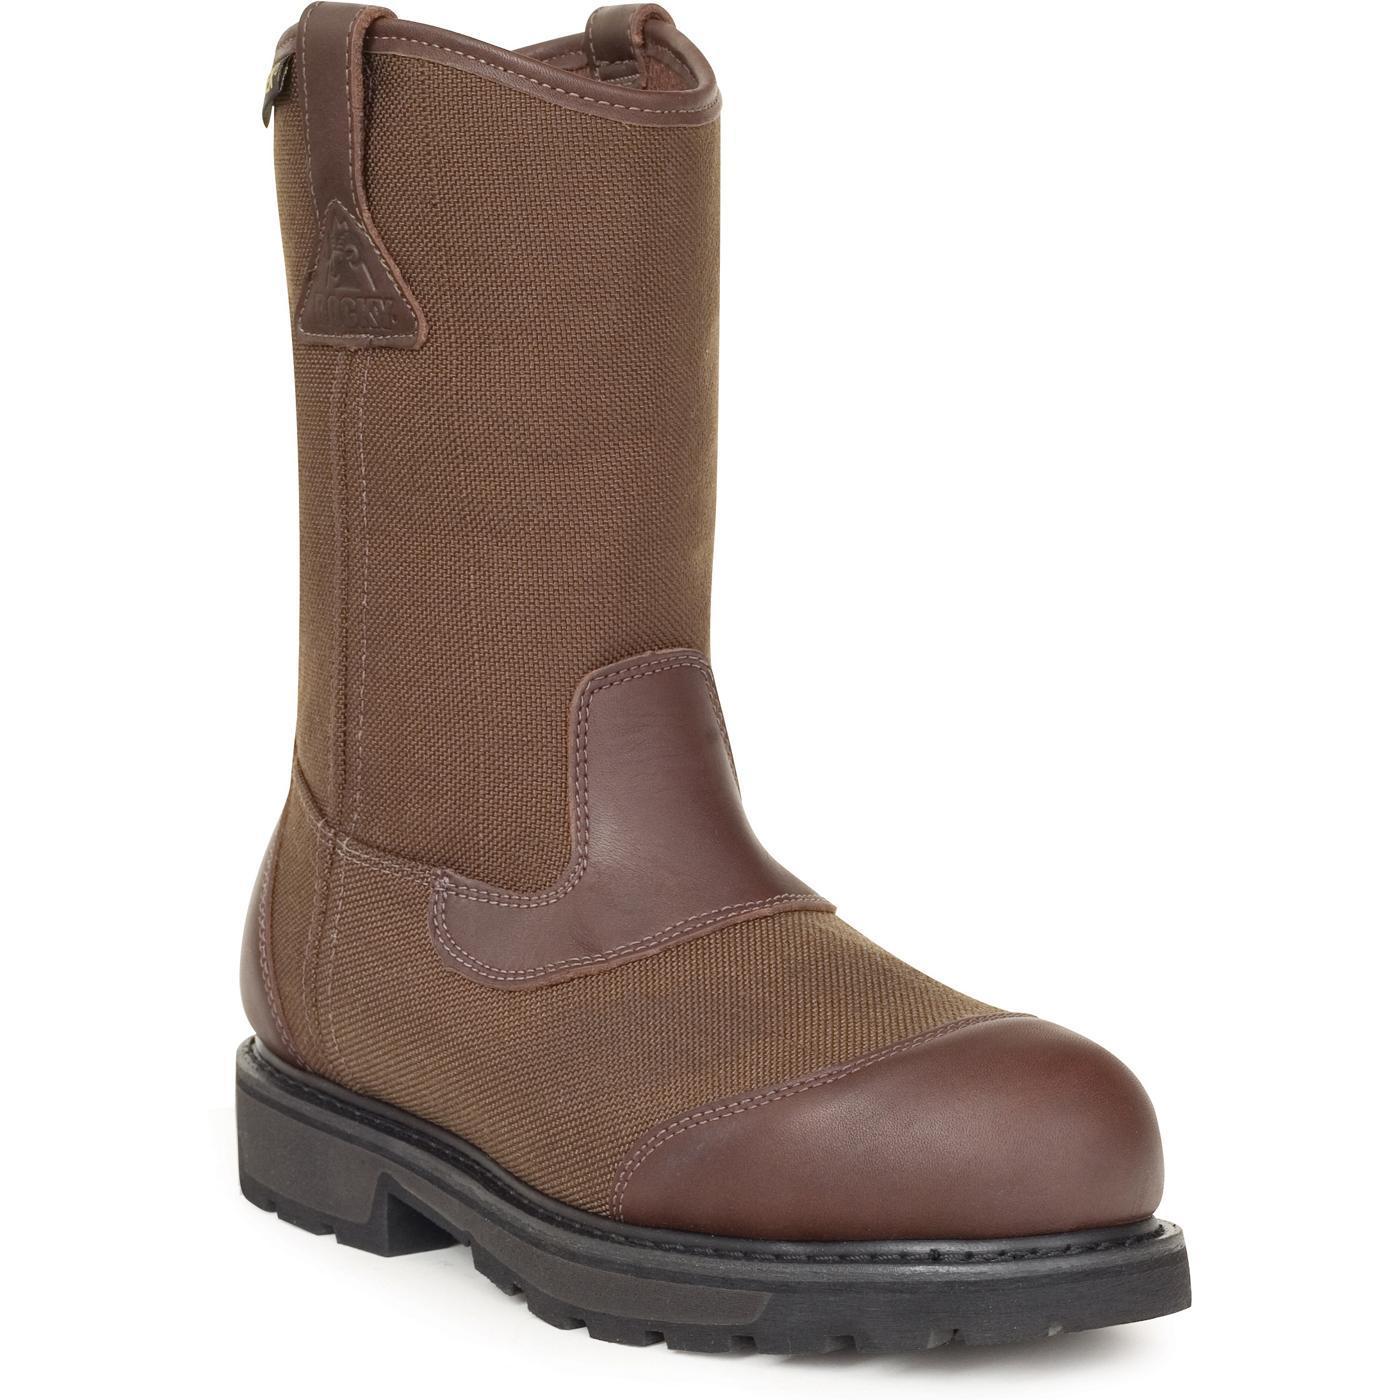 s work boots rocky steel toe waterproof wellington